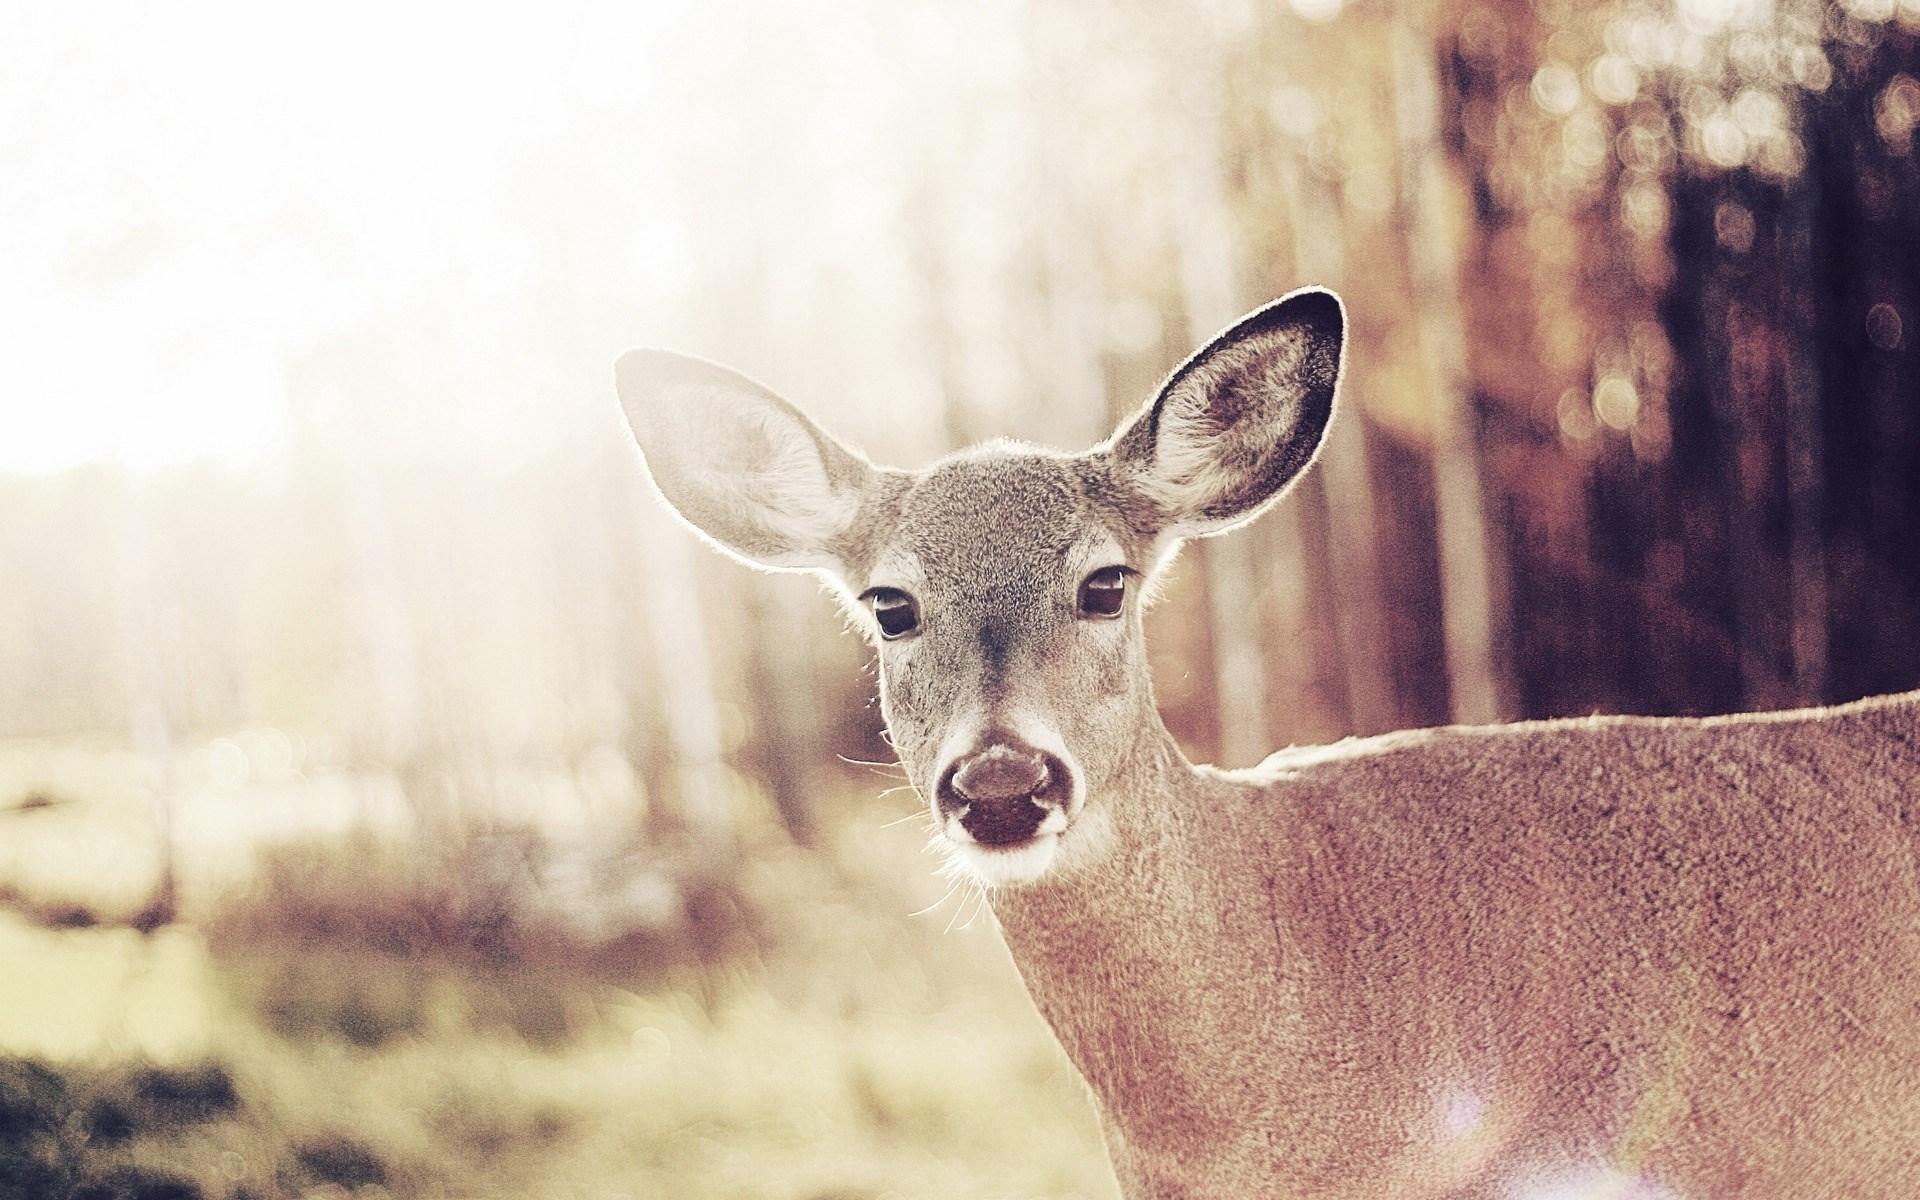 Cute Wild Deer Bambi Desktop Wallpaper